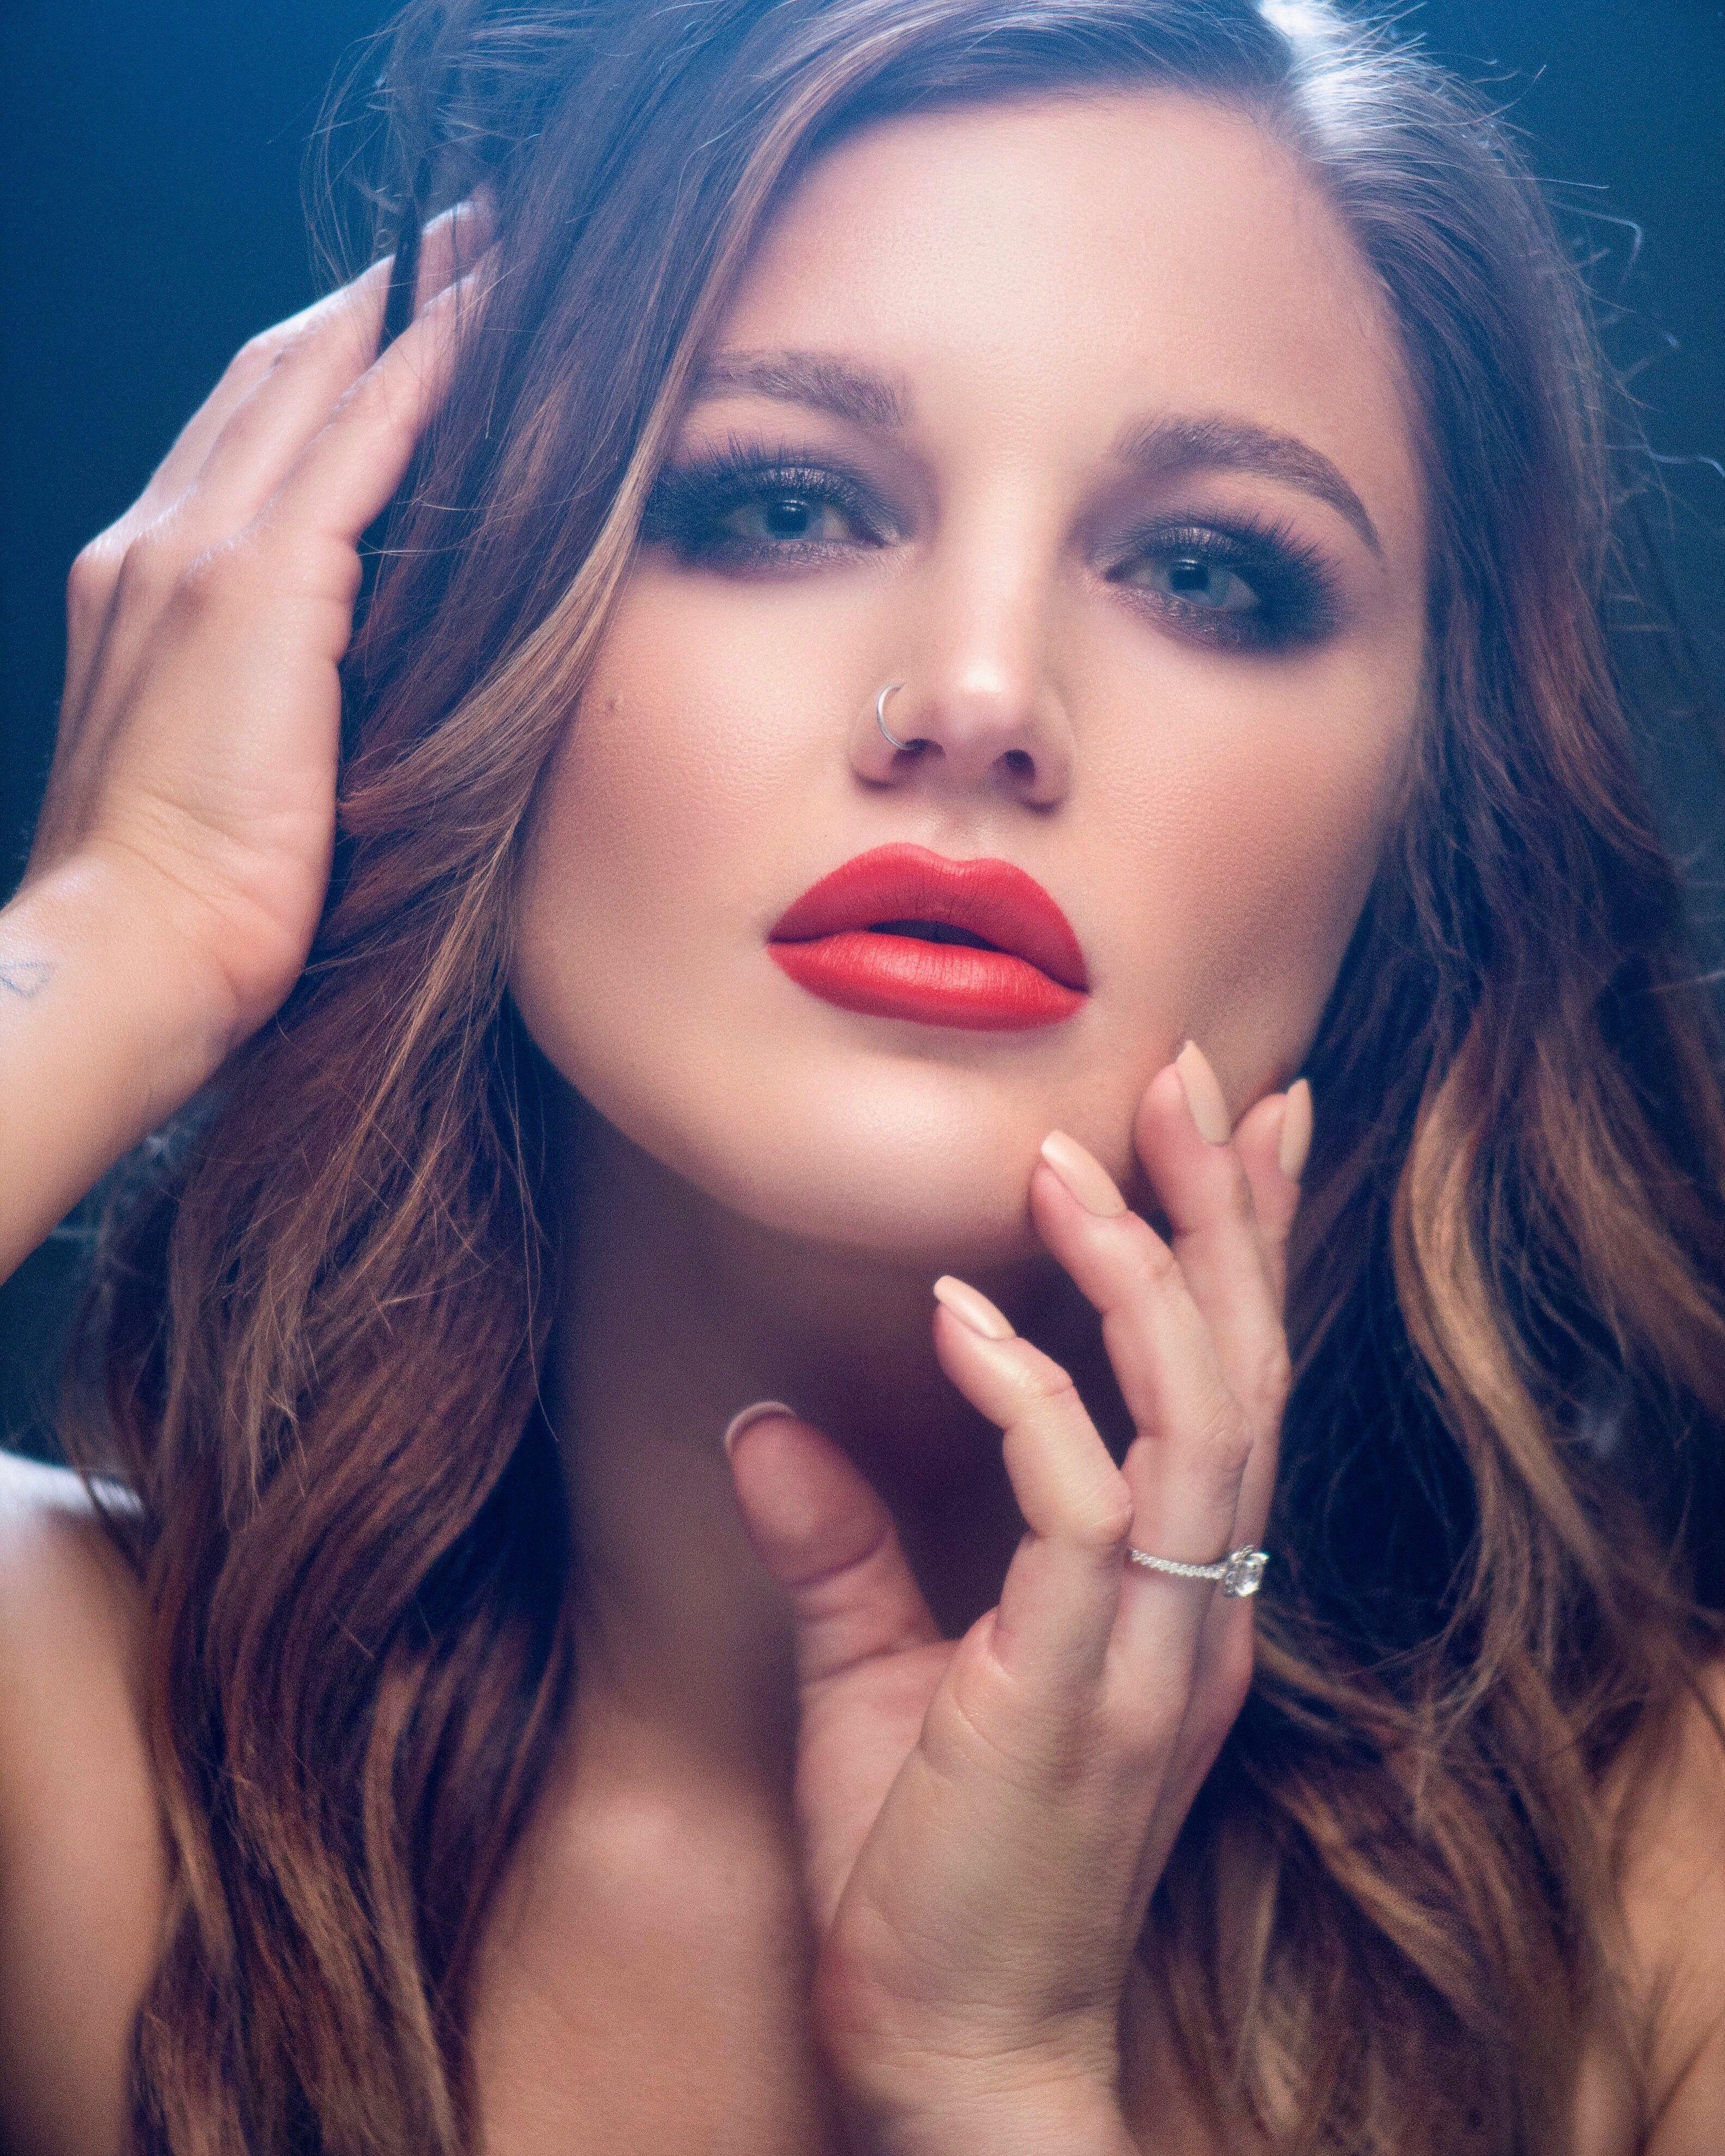 SMokeY eYEs 🔥🔥 makeupartist instamakeup